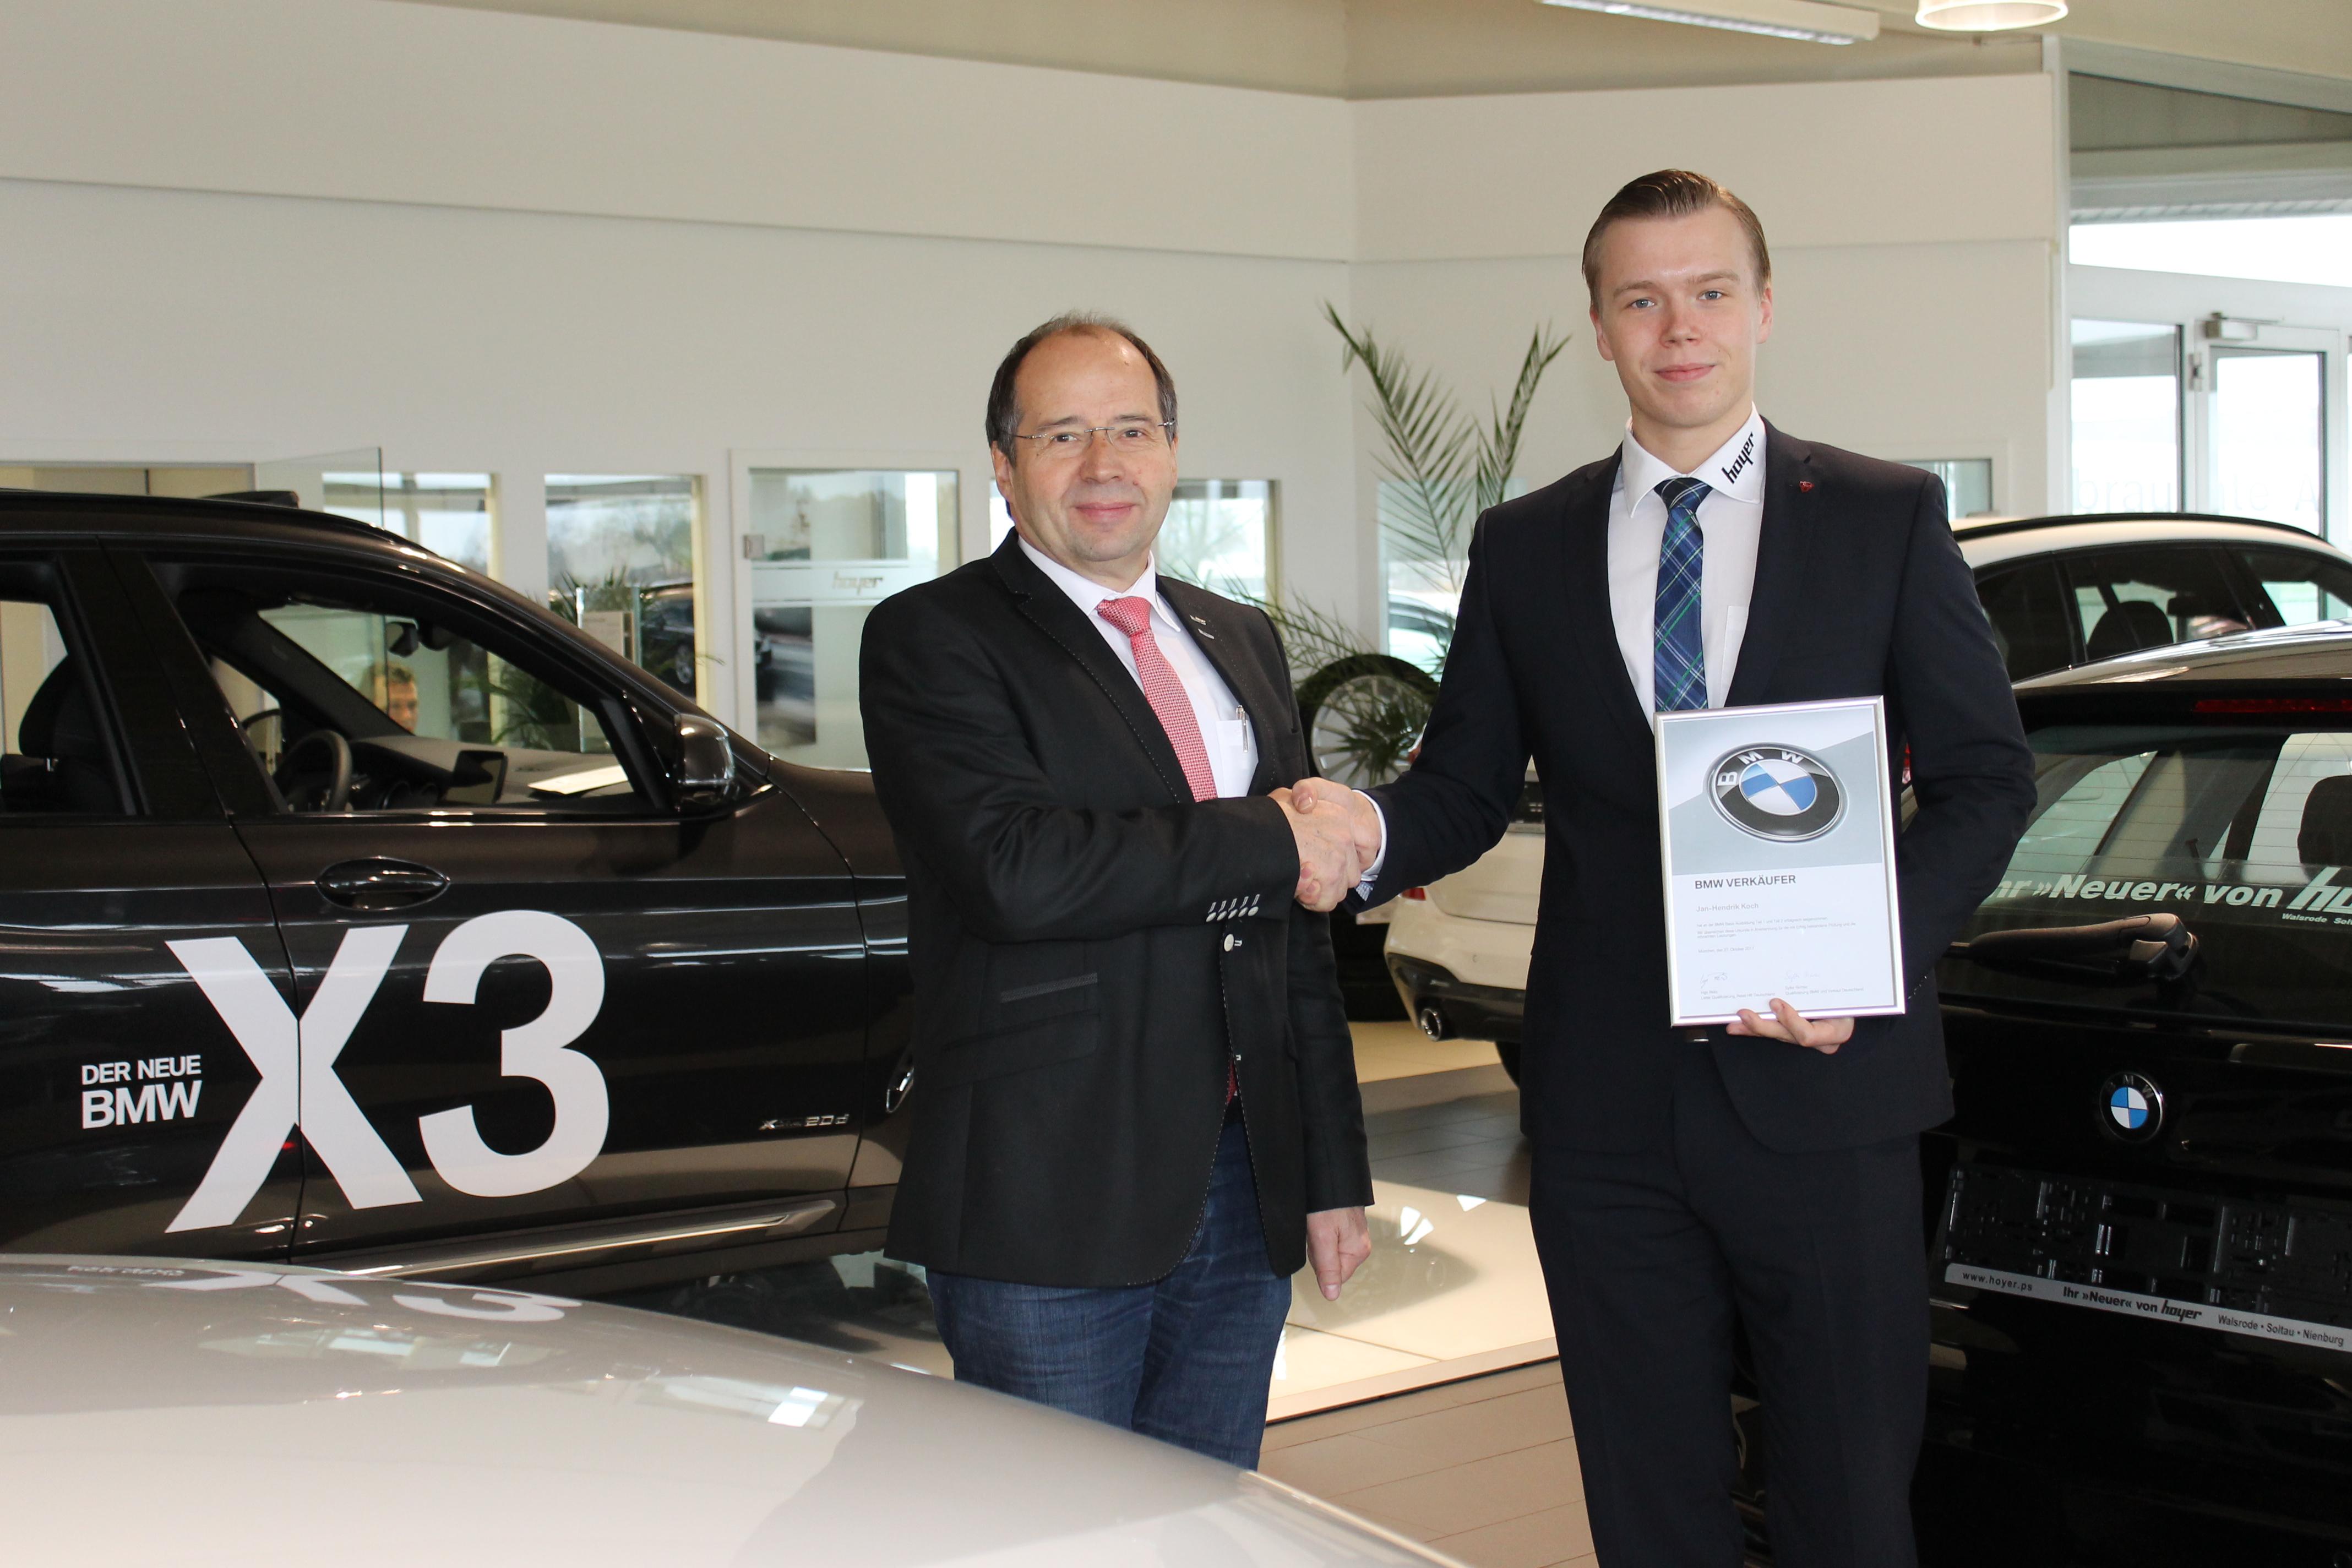 Auszubildender Jan-Hendrik Koch absolviert vor Abschluss seiner Lehre die BMW Verkäuferausbildung in München.